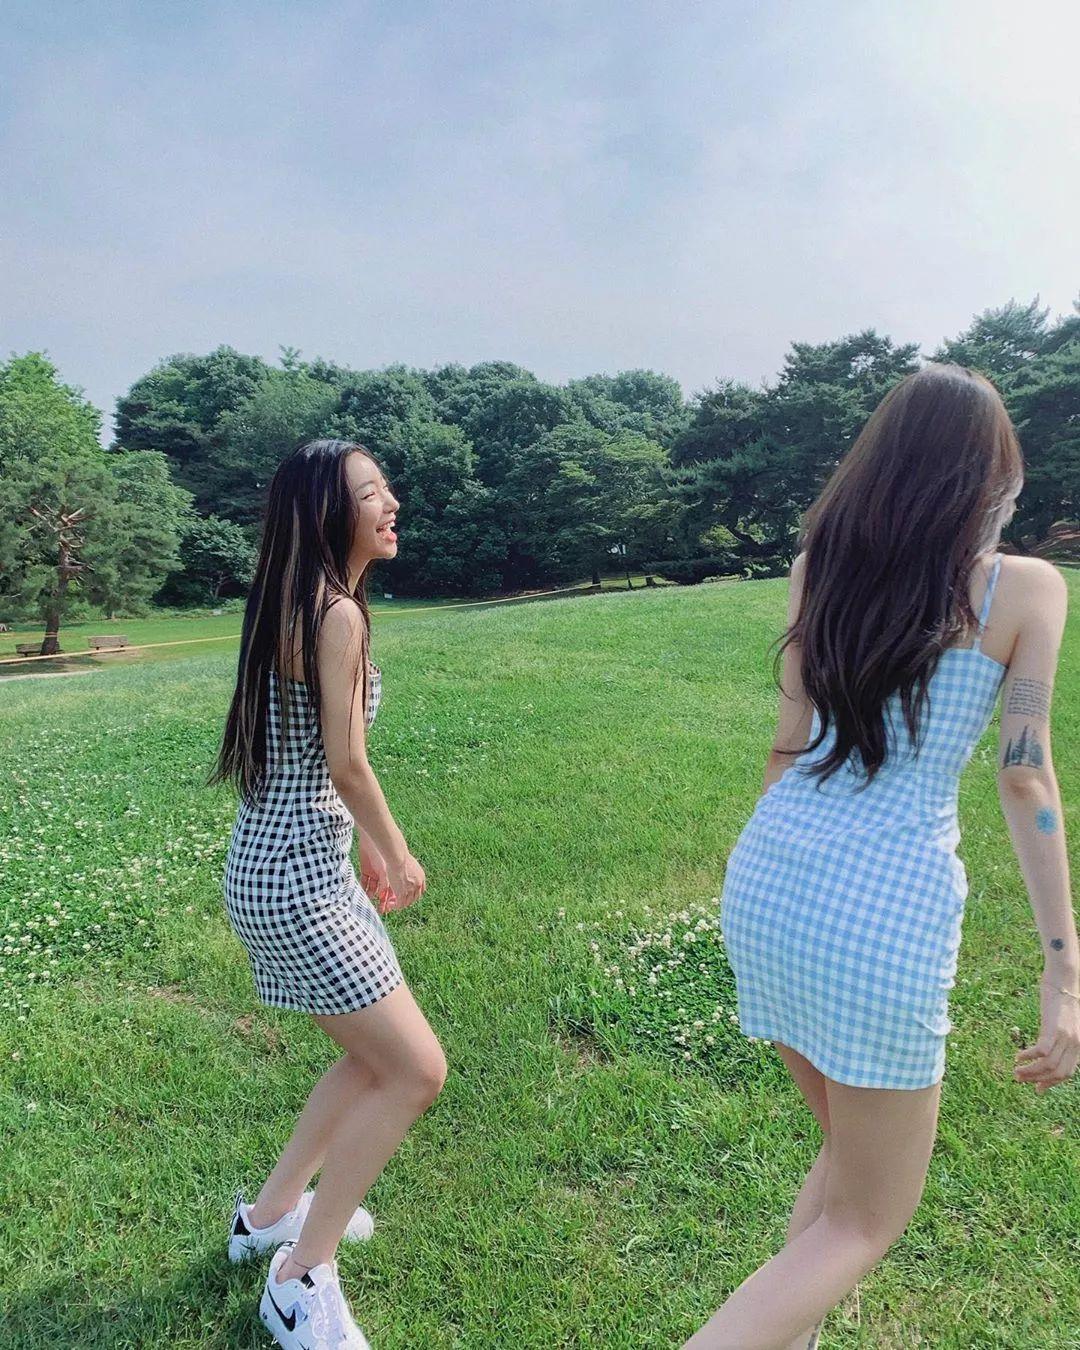 妹子摄影 – 格子连衣裙双倍快乐姐妹花,这是在野炊吗?_图片 No.8